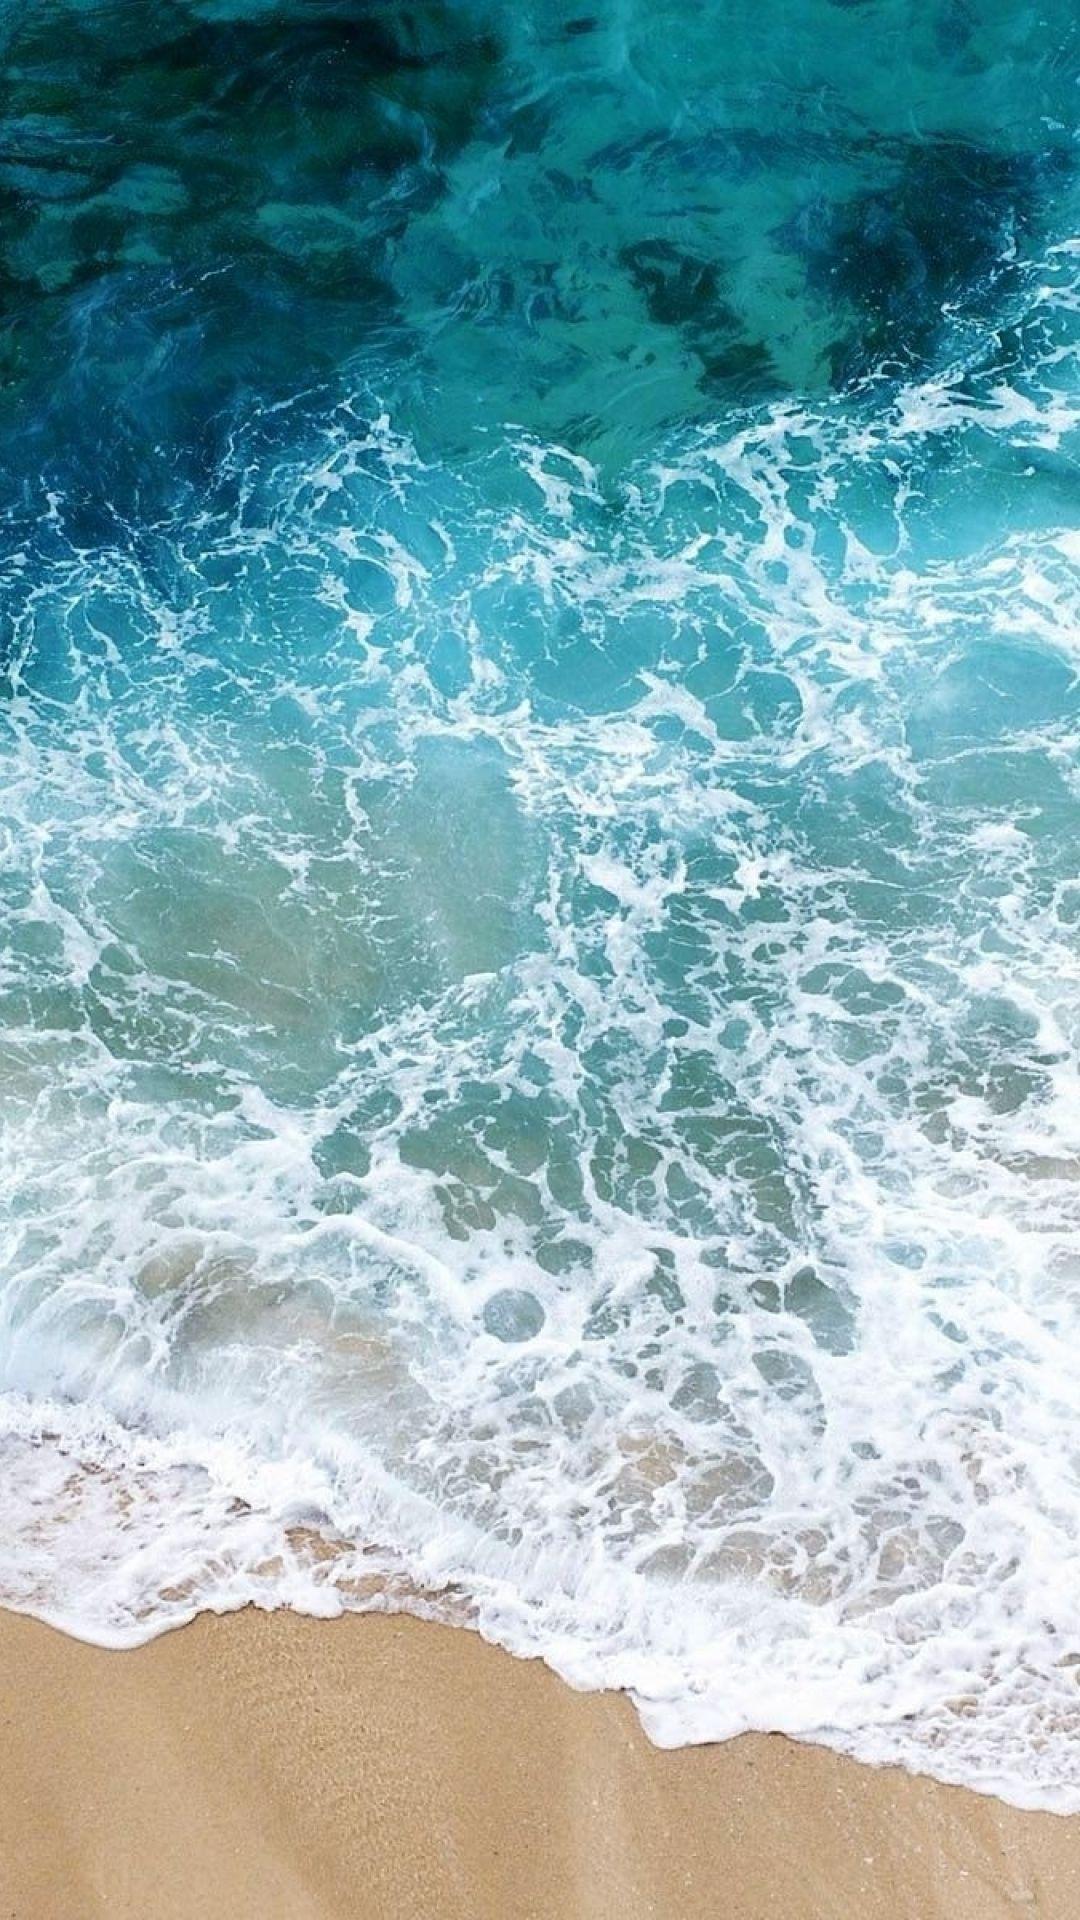 Transparent Wallpaper Beach